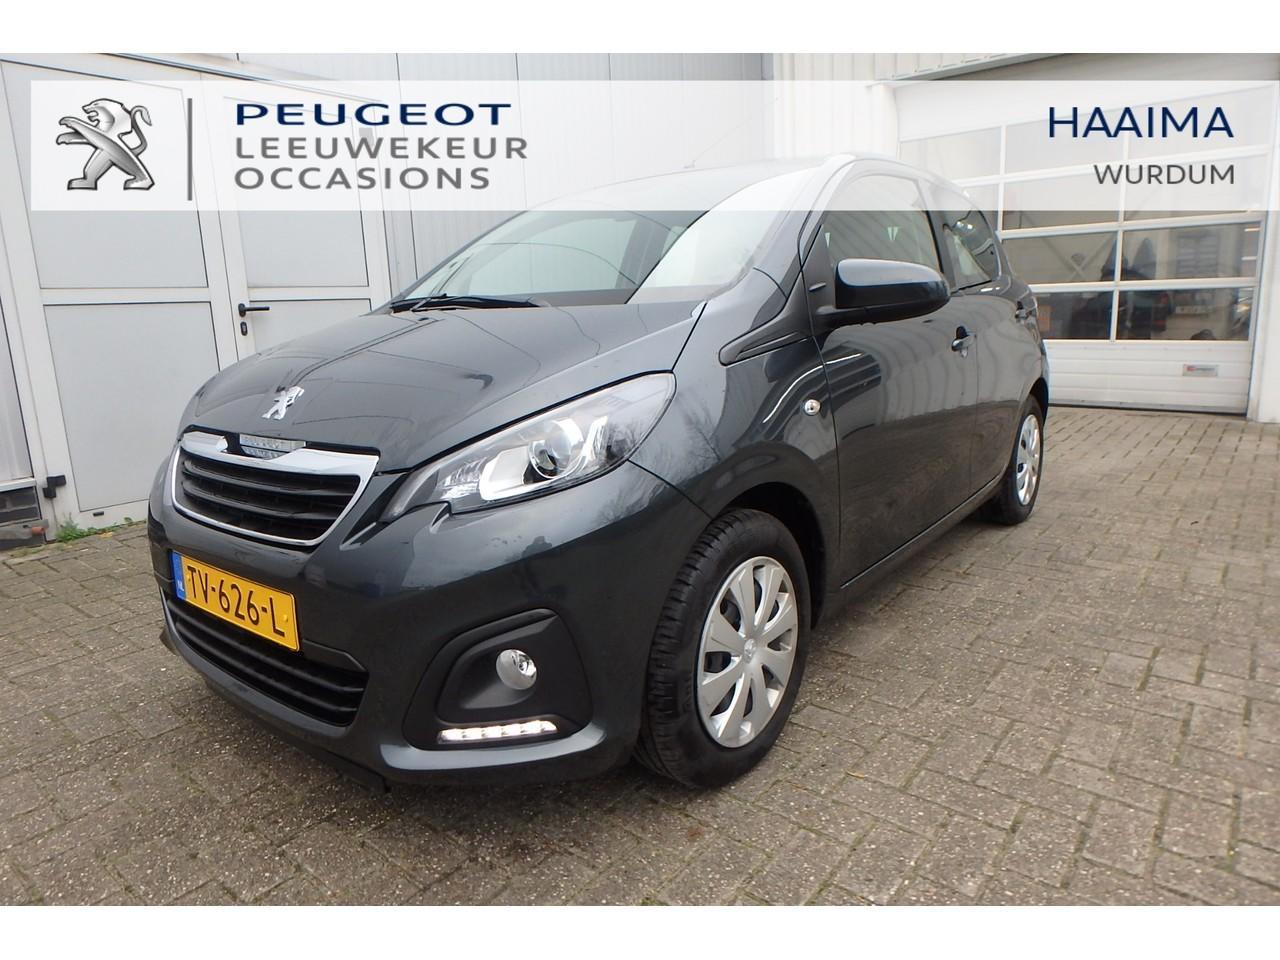 Peugeot 108 Blue lease 5-drs. 1.0 e-vti 72pk